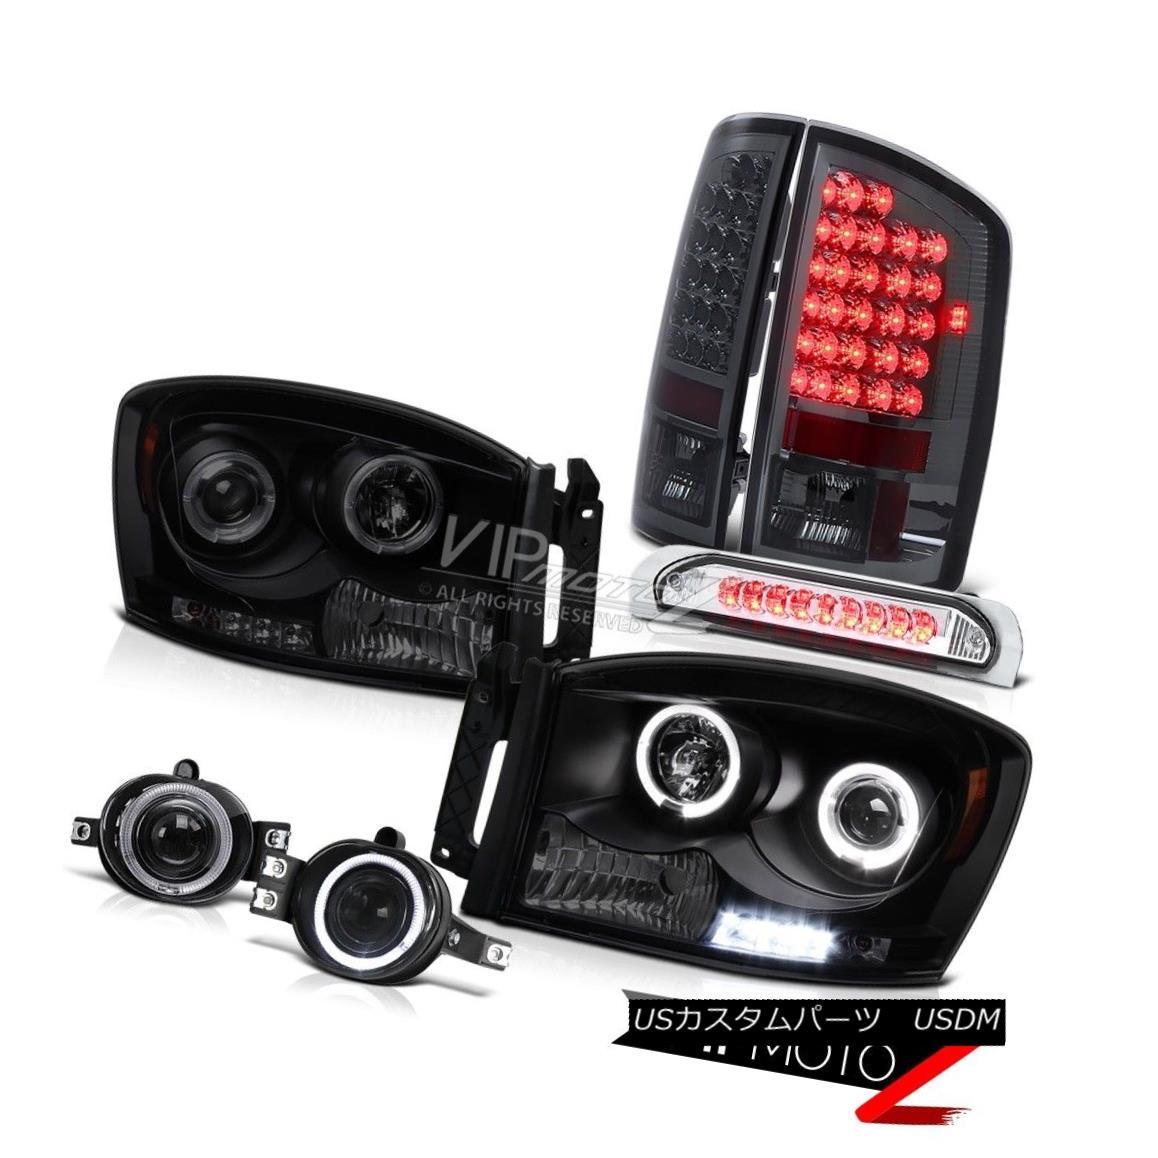 ヘッドライト DODGE RAM 2006 LED Daytime Headlights Chrome Foglights 3RD Brake Lamp Taillight DODGE RAM 2006 LEDデイタイムヘッドライトクロームフォグライト3RDブレーキランプテールライト